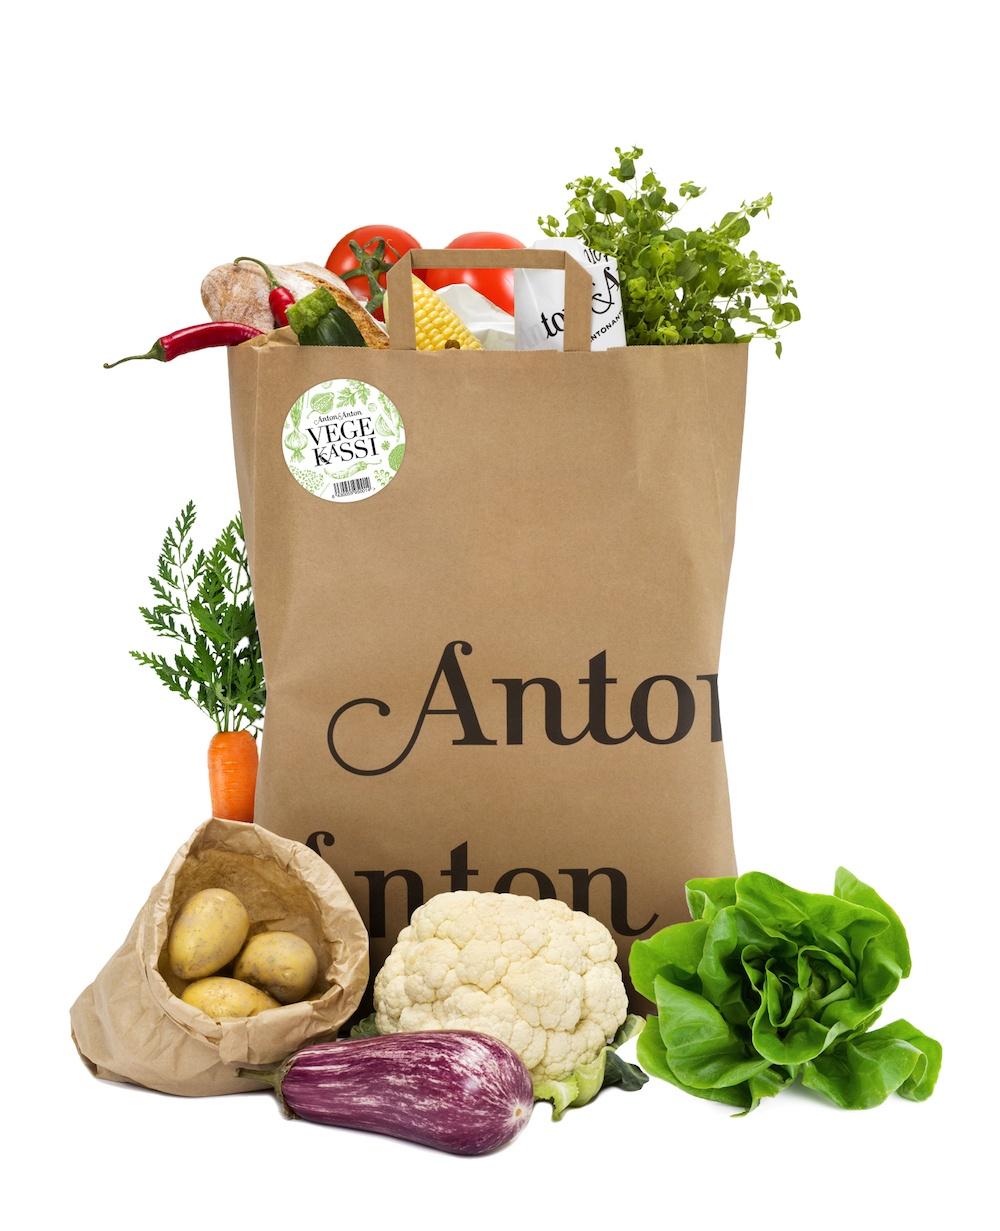 Anton&Anton toivottaa kilpailun tervetulleeksi ruoan verkkokauppaan